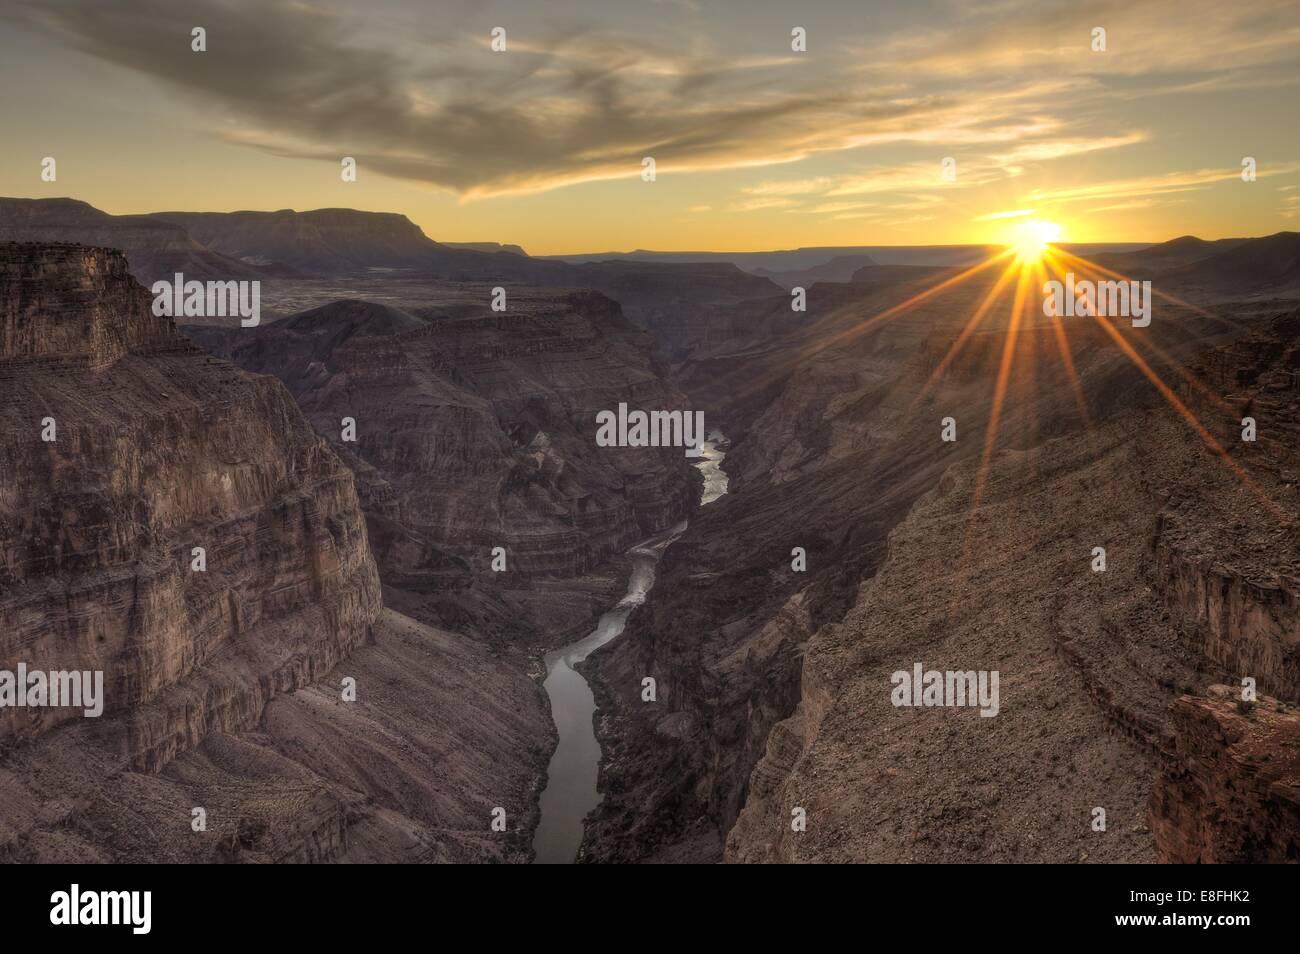 Arizona, Grand Canyon National Park, Sunset at Toroweap - Stock Image